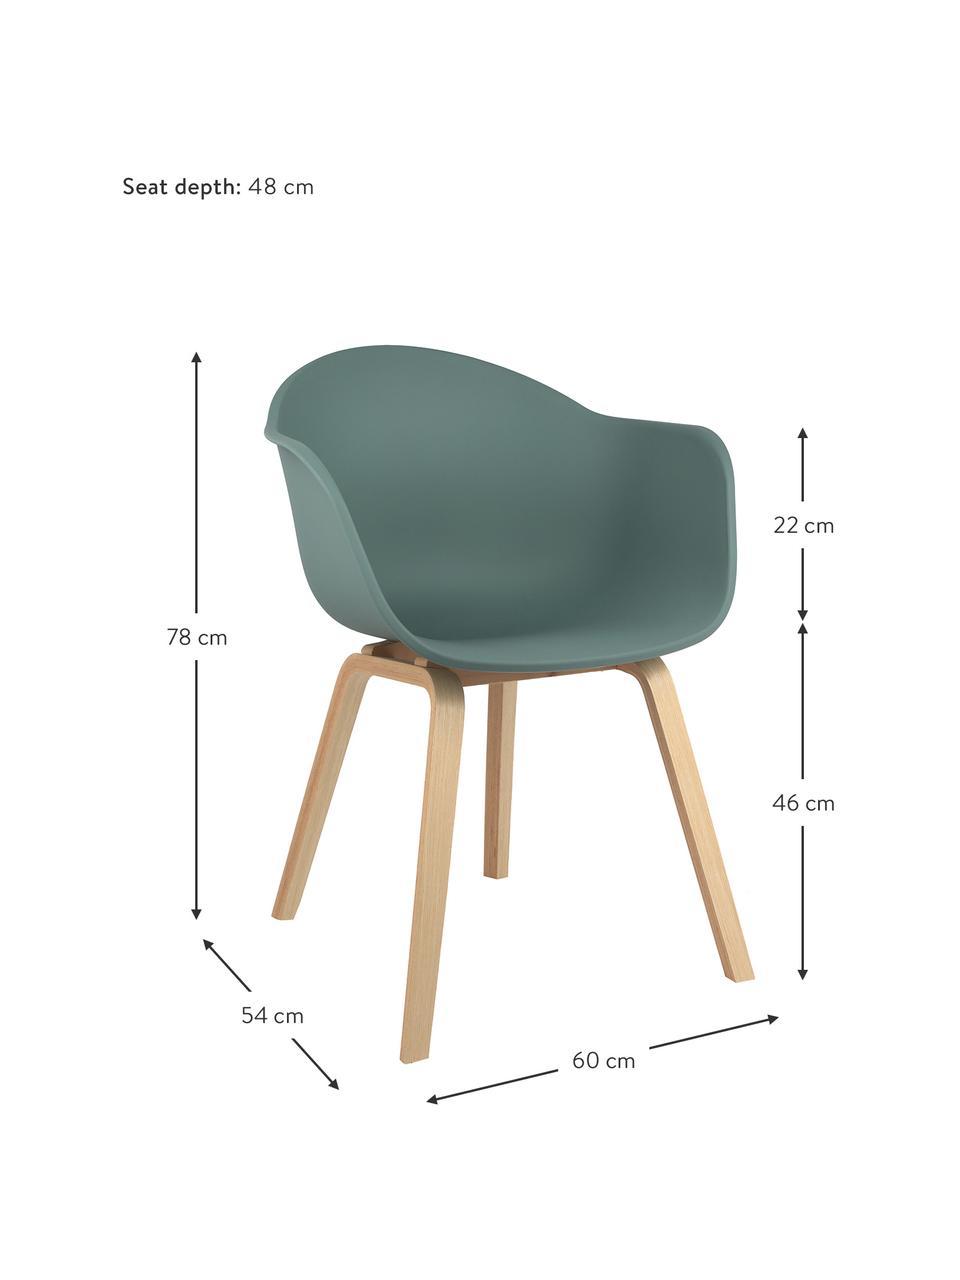 Krzesło z podłokietnikami z tworzywa sztucznego Claire, Nogi: drewno bukowe, Zielony, S 60 x G 54 cm